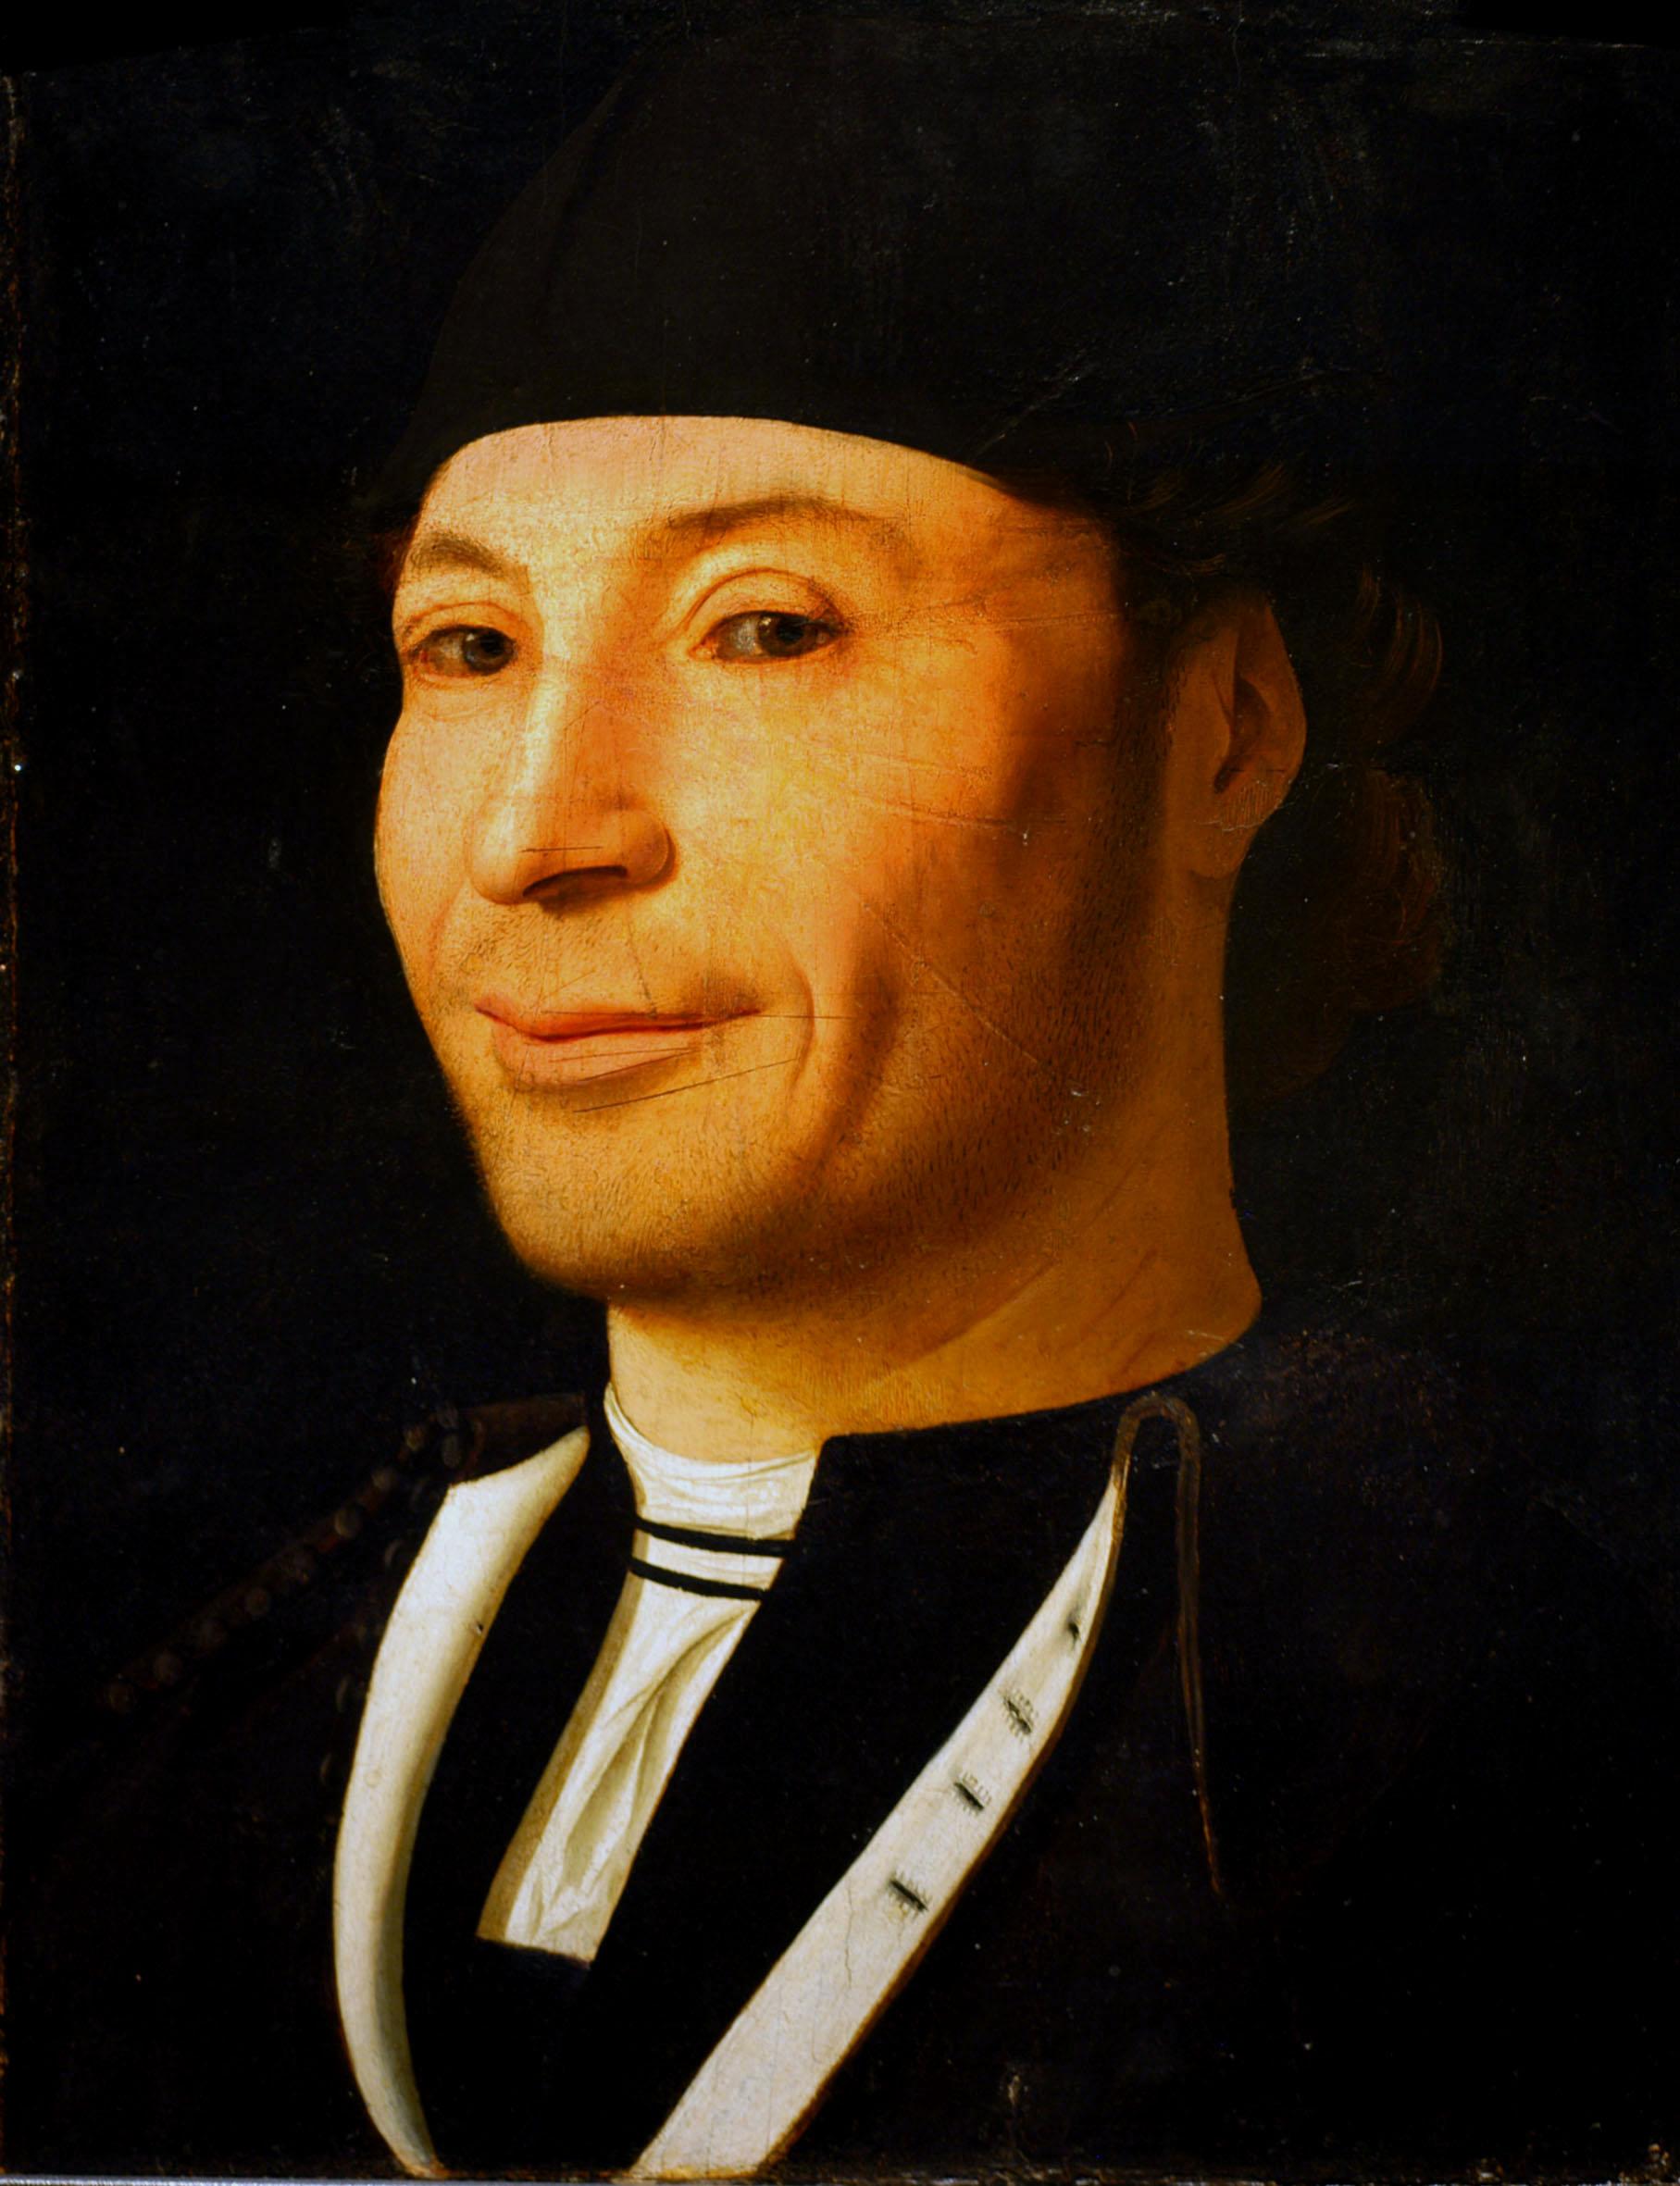 Antonello da Messina Ritratto d'uomo Museo Fondazione Culturale Mandralisca Cefalù